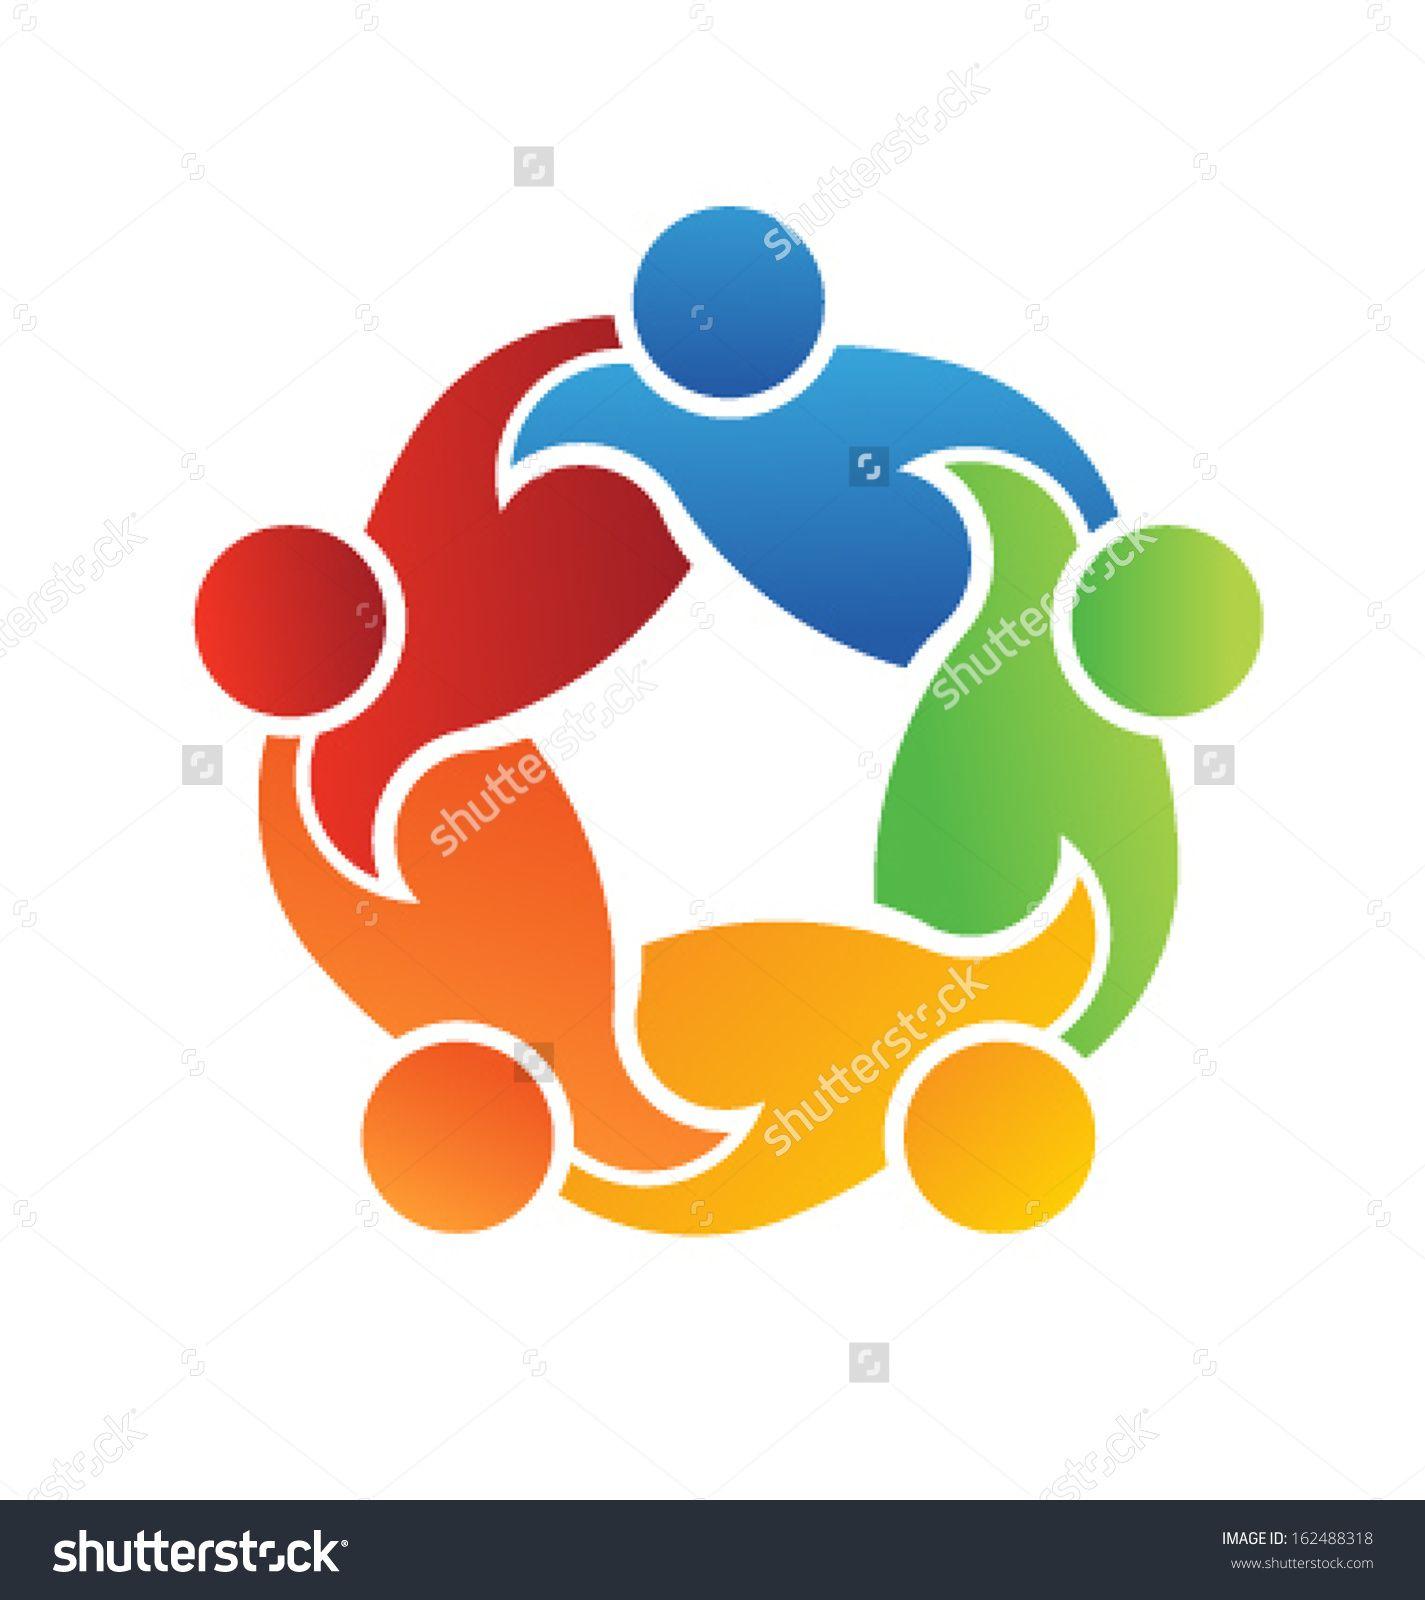 Community Meeting Stock Vectors & Vector Clip Art